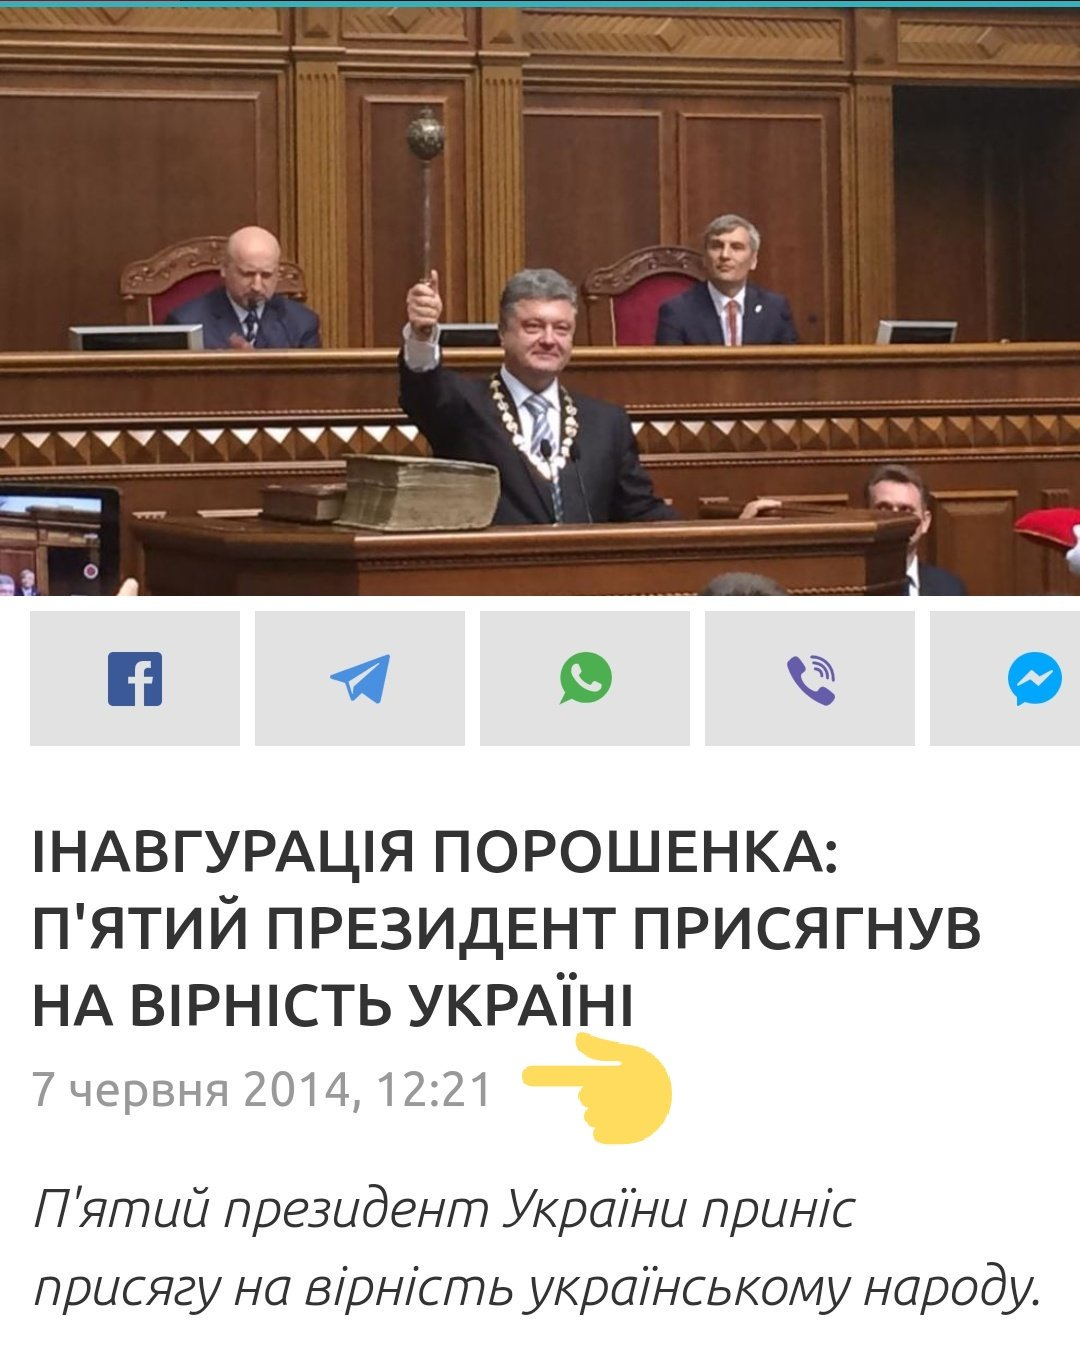 """Розведення військ уздовж усієї лінії розмежування на Донбасі - це не план """"А"""", - Яременко - Цензор.НЕТ 8366"""